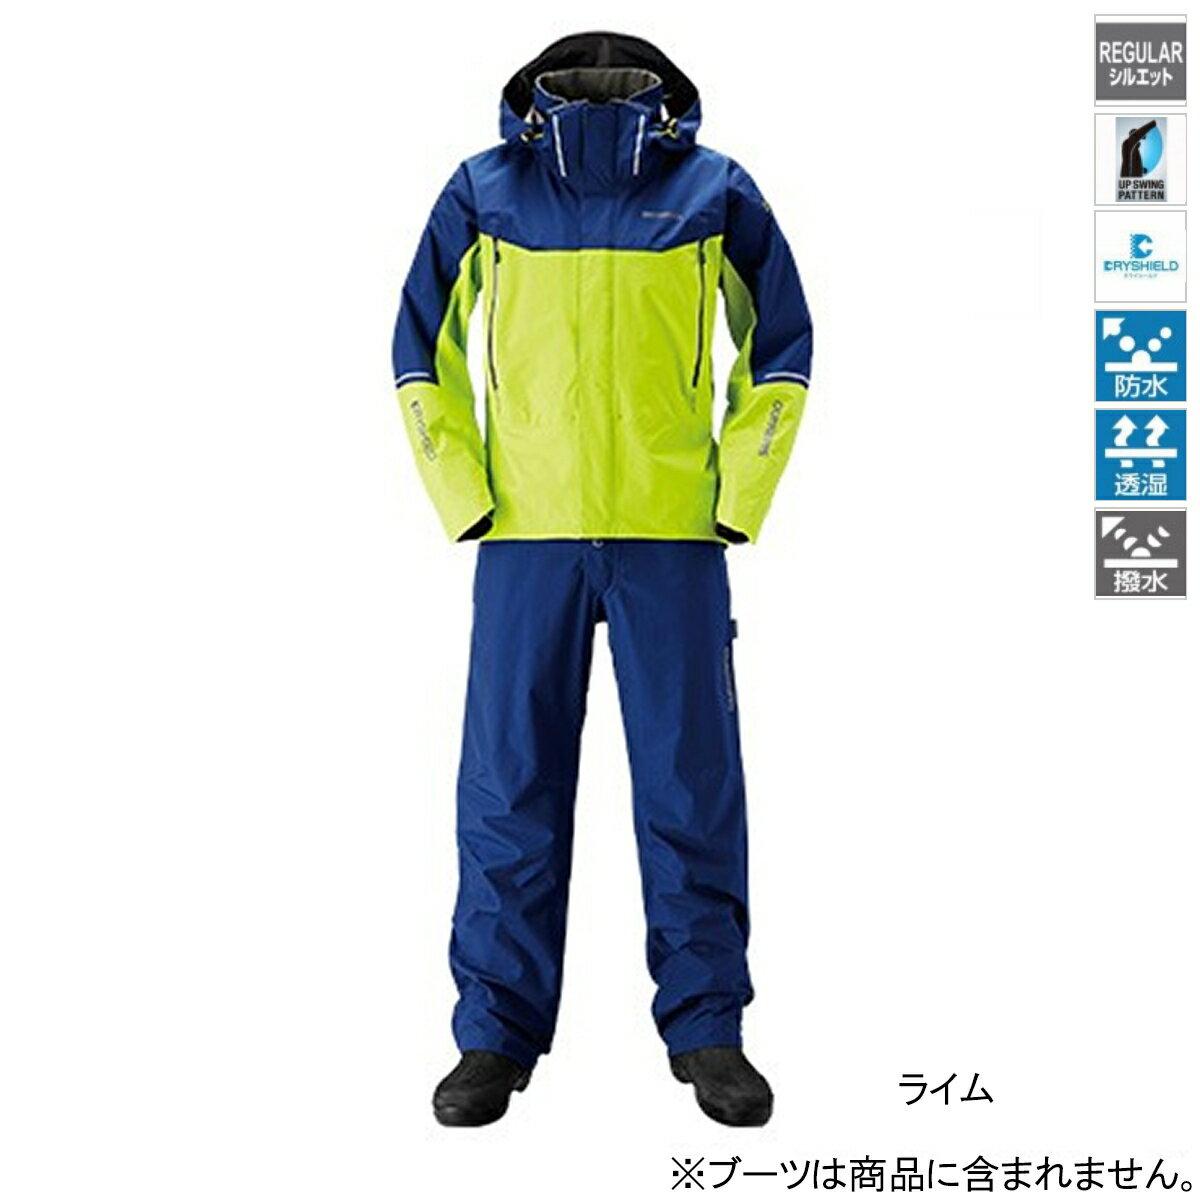 シマノ DSアドバンススーツ RA-025S XL ライム【送料無料】